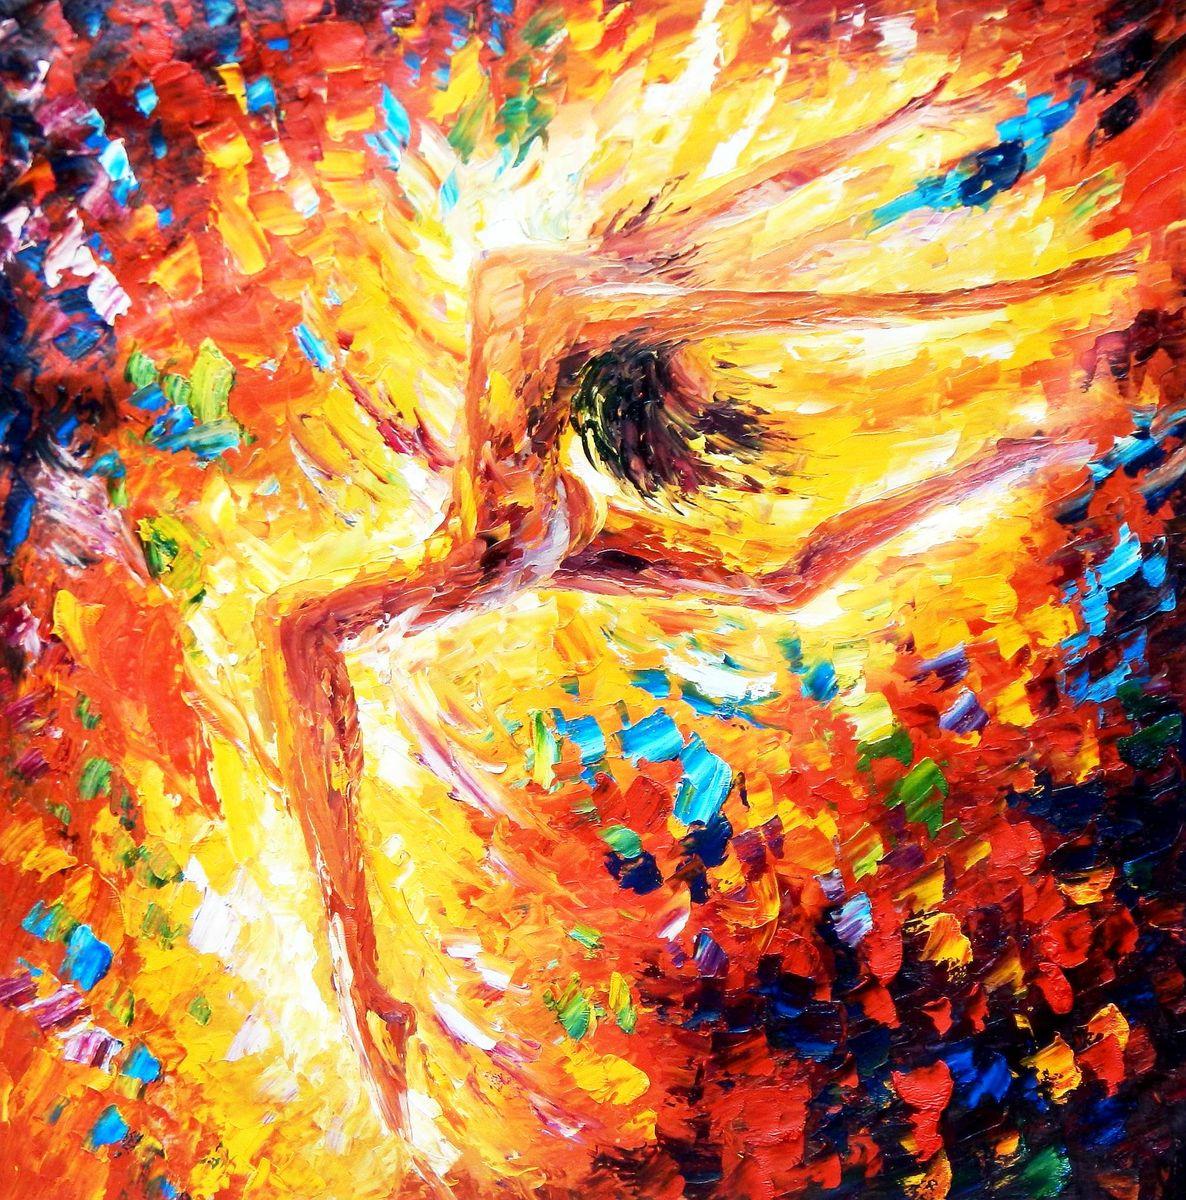 Abstrakt - Kraft durch Tanz m92793 120x120cm handgemaltes Ölgemälde